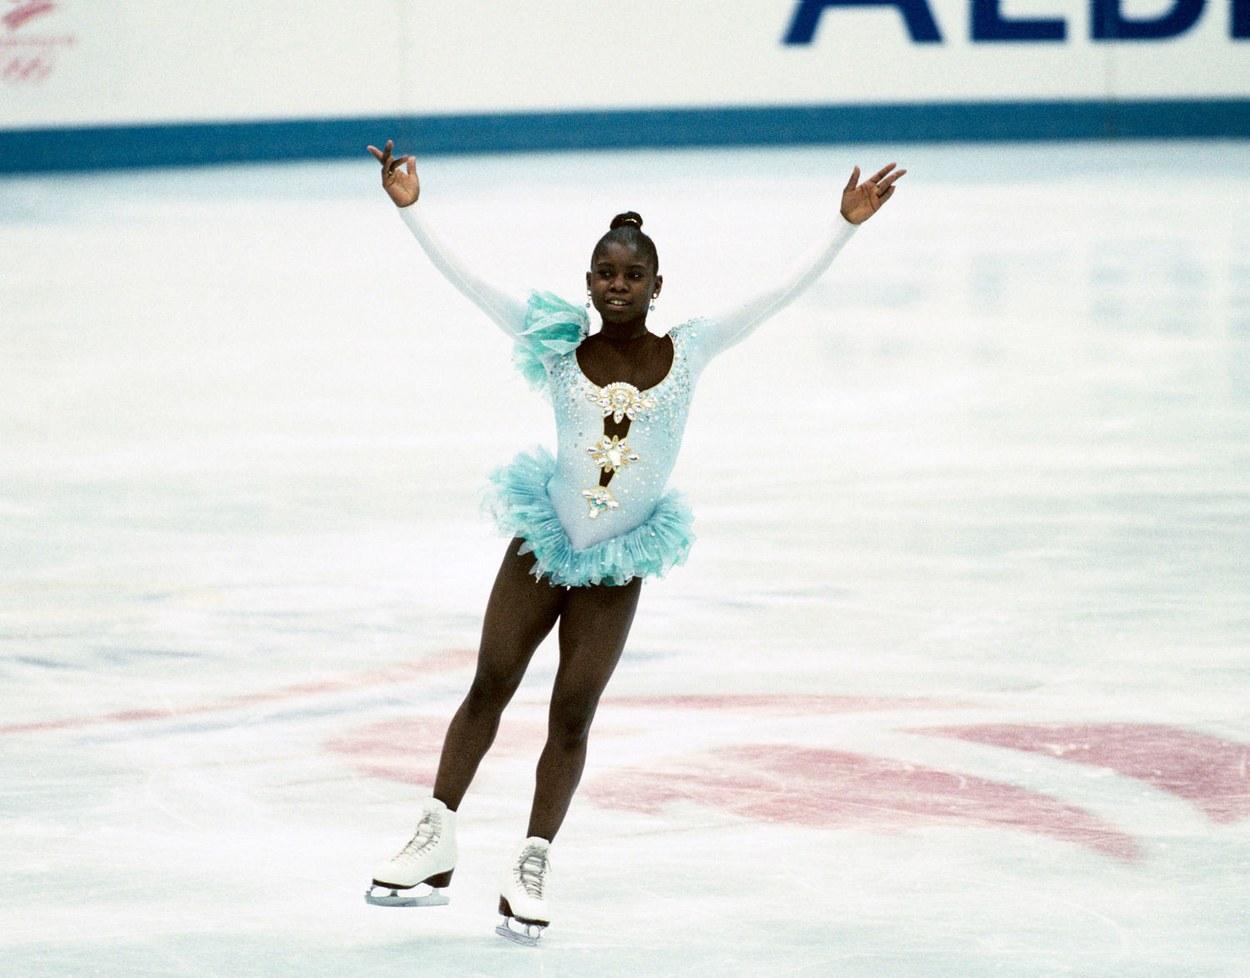 Η γαλλίδα Σούρια Μποναλί με εκκεντρική δημιουργία Christian Lacroix το 1992 κατά την πρώτη ολυμπιακή της συμμετοχή στην Άλμπερτβιλ στις ΗΠΑ